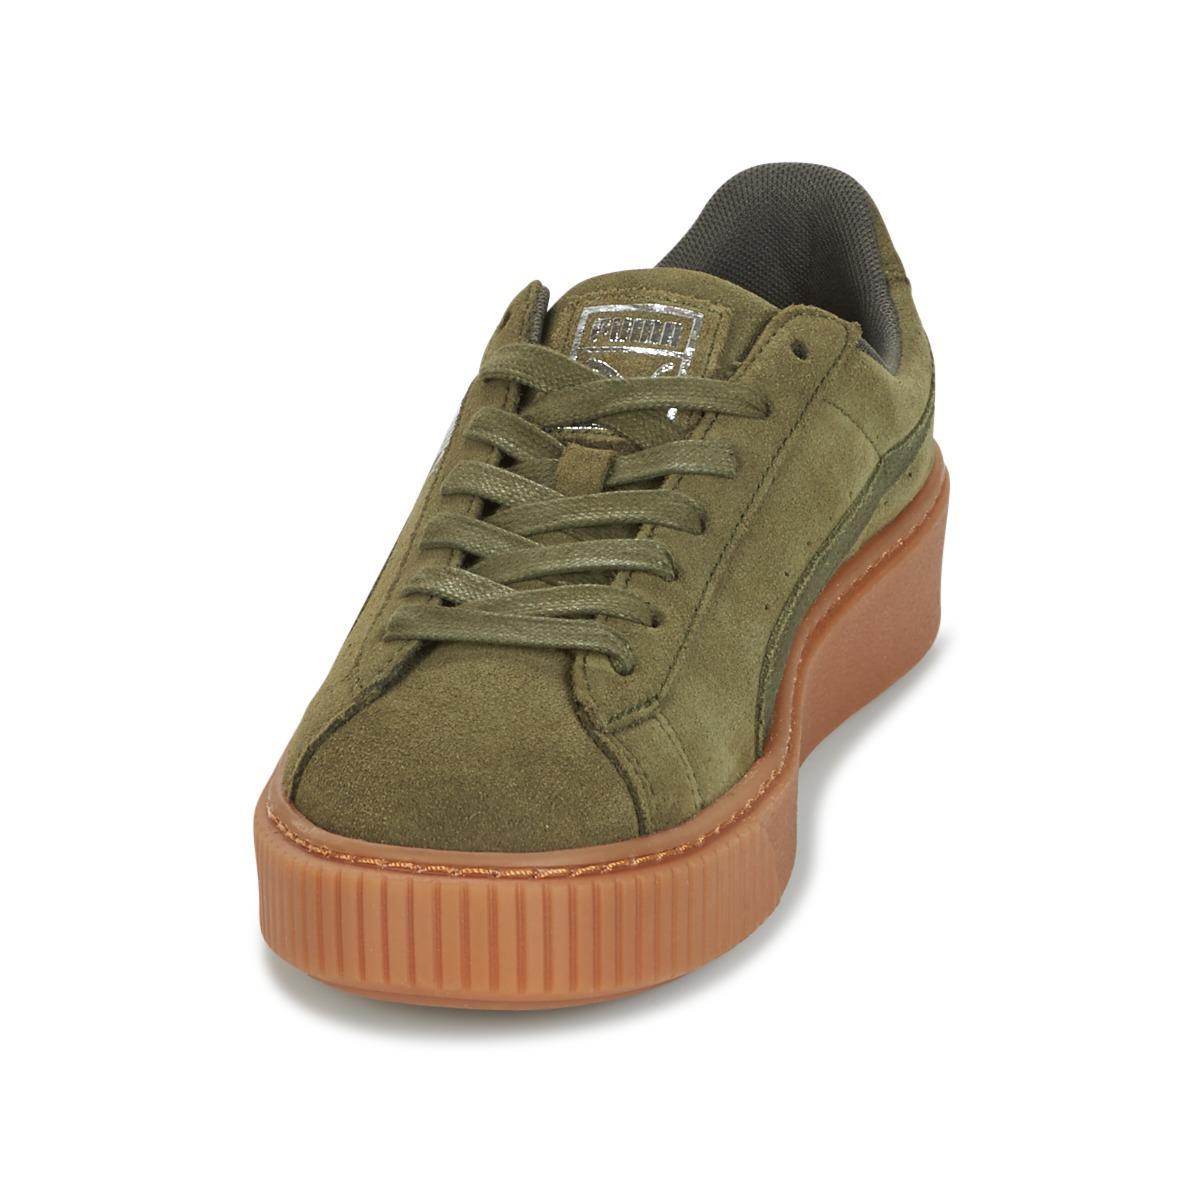 Nouveaux produits 648d5 16818 PUMA Suede Platform Core Gum Women's Shoes (trainers) In ...